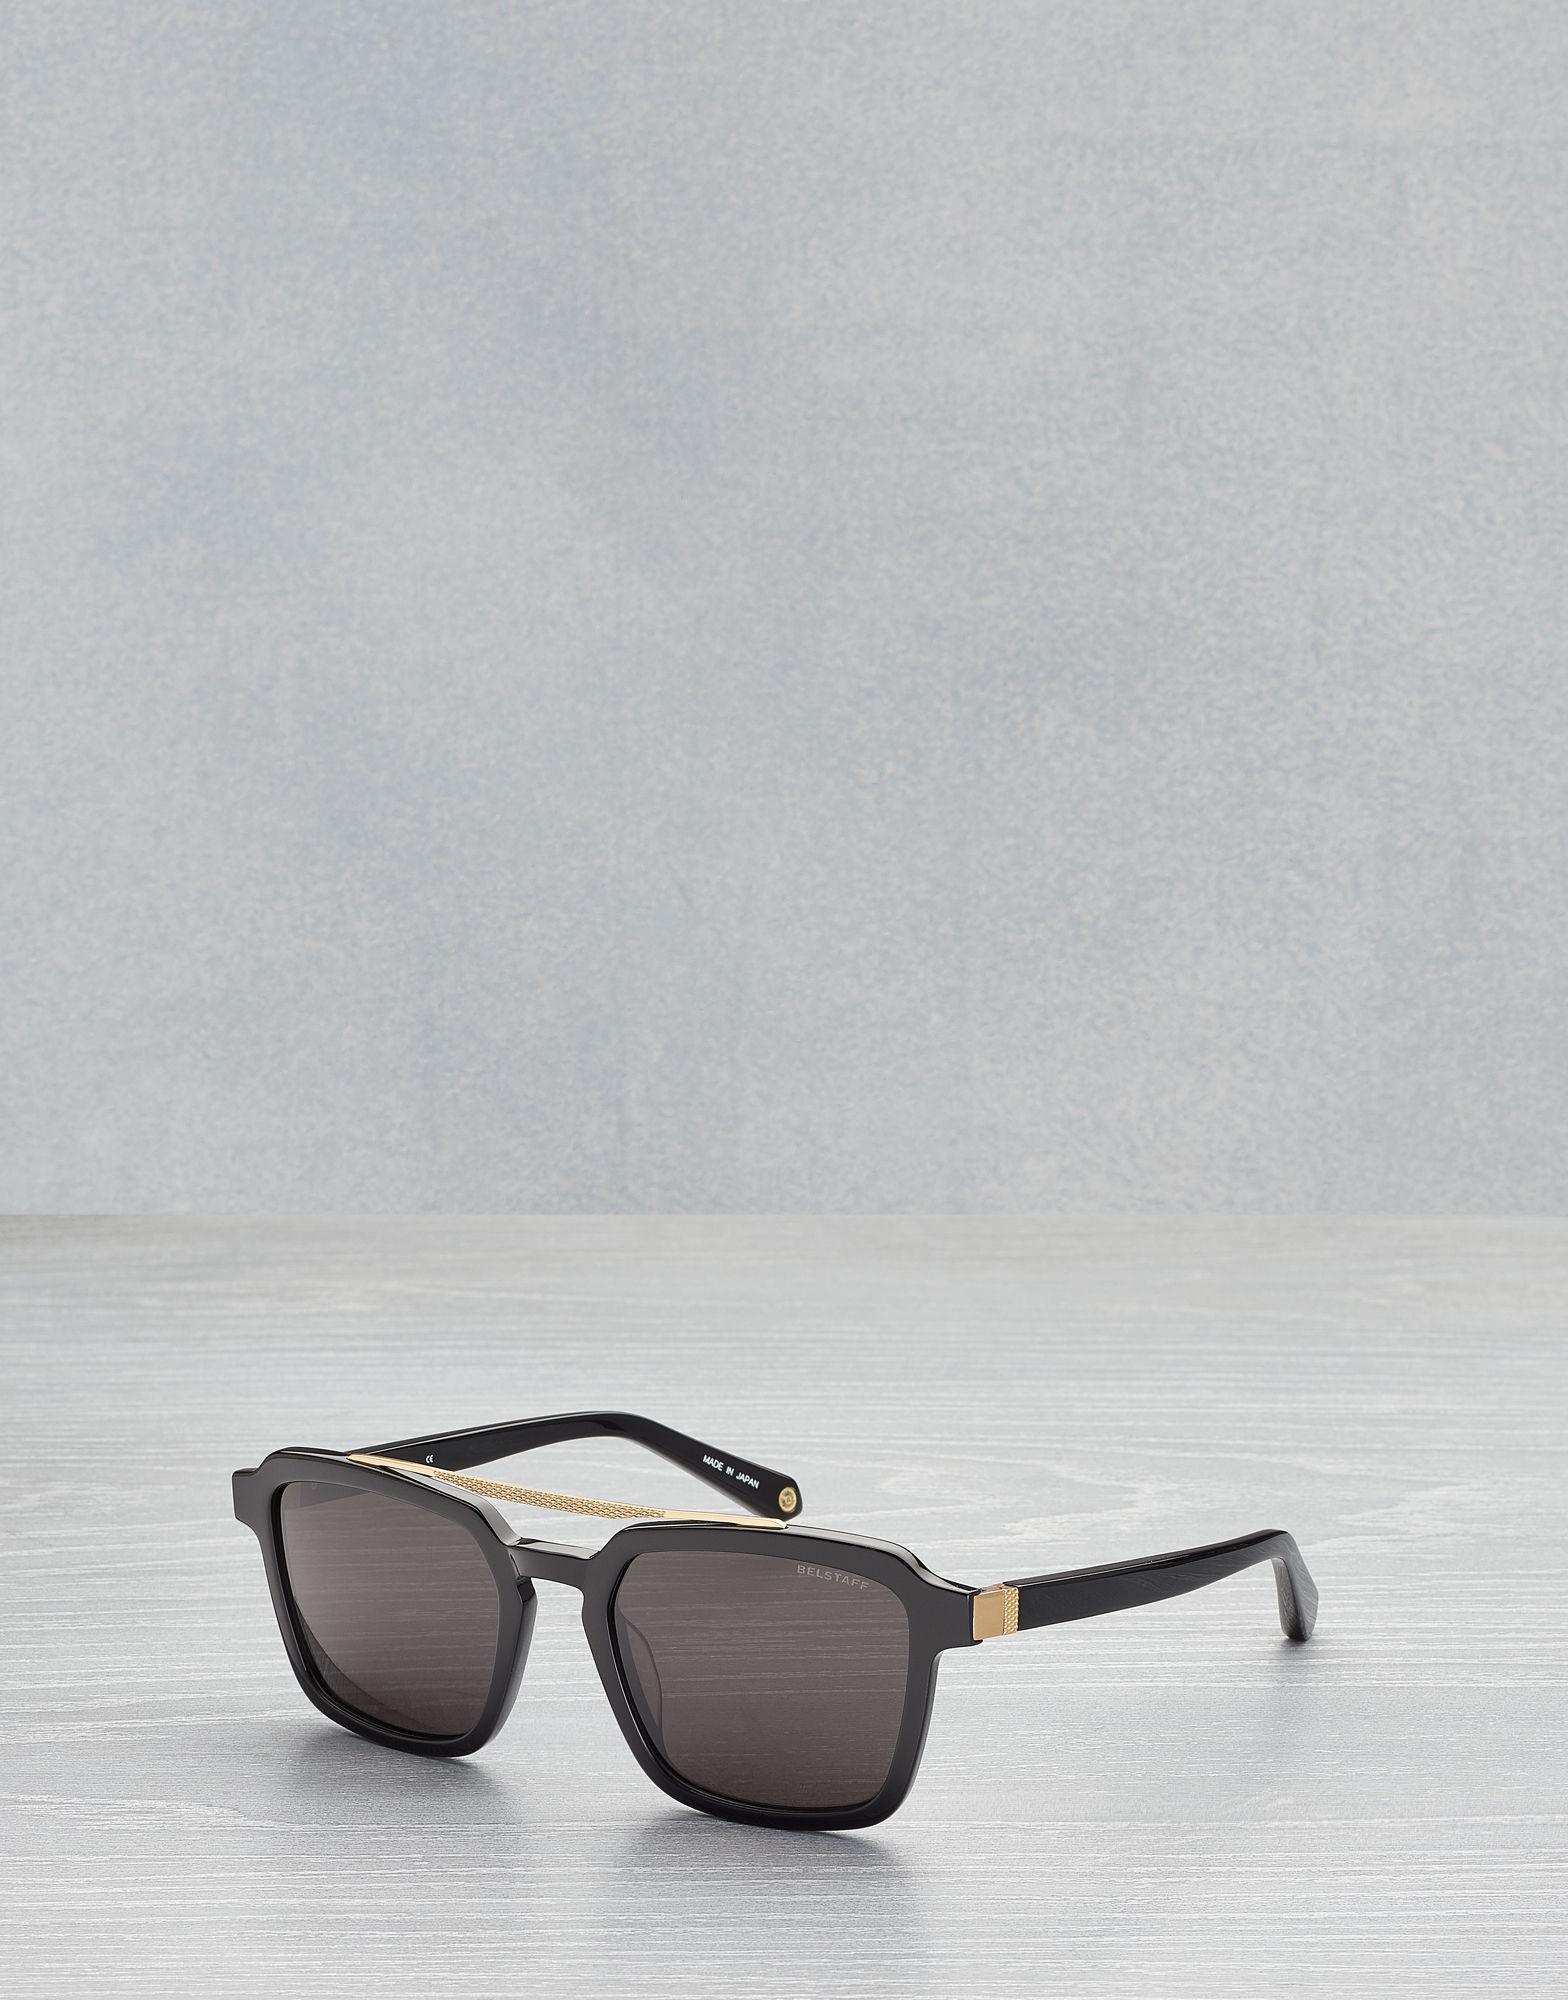 ecccf1b6733a ... Sunglasses for Men - Lyst. View fullscreen